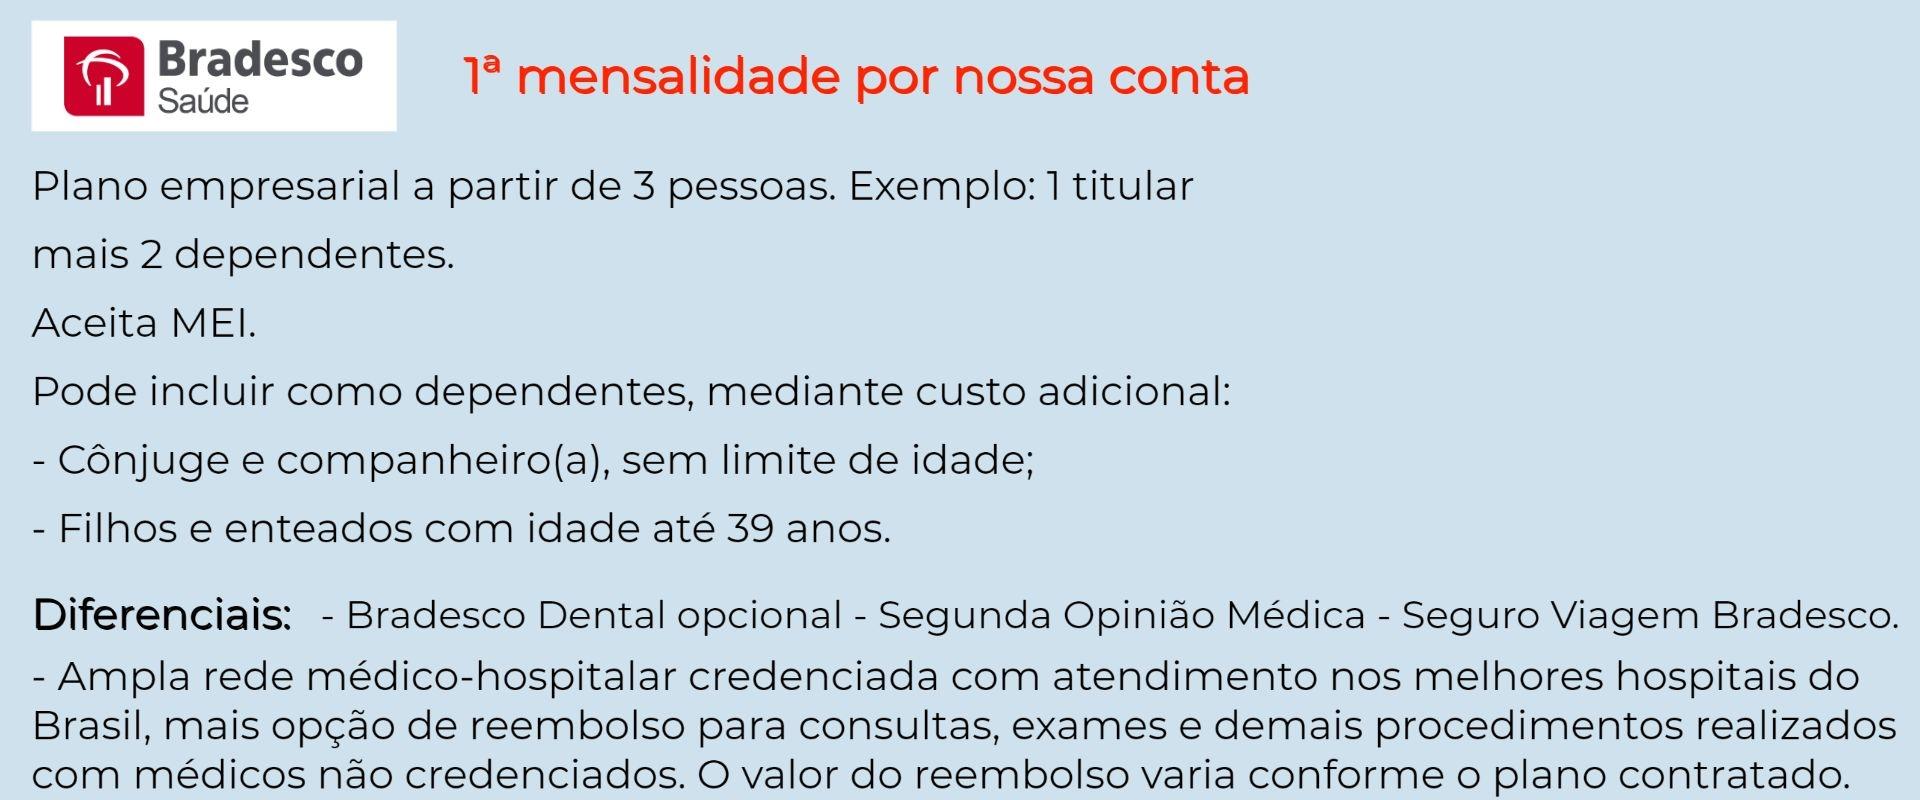 Bradesco Saúde Empresarial -Samambaia